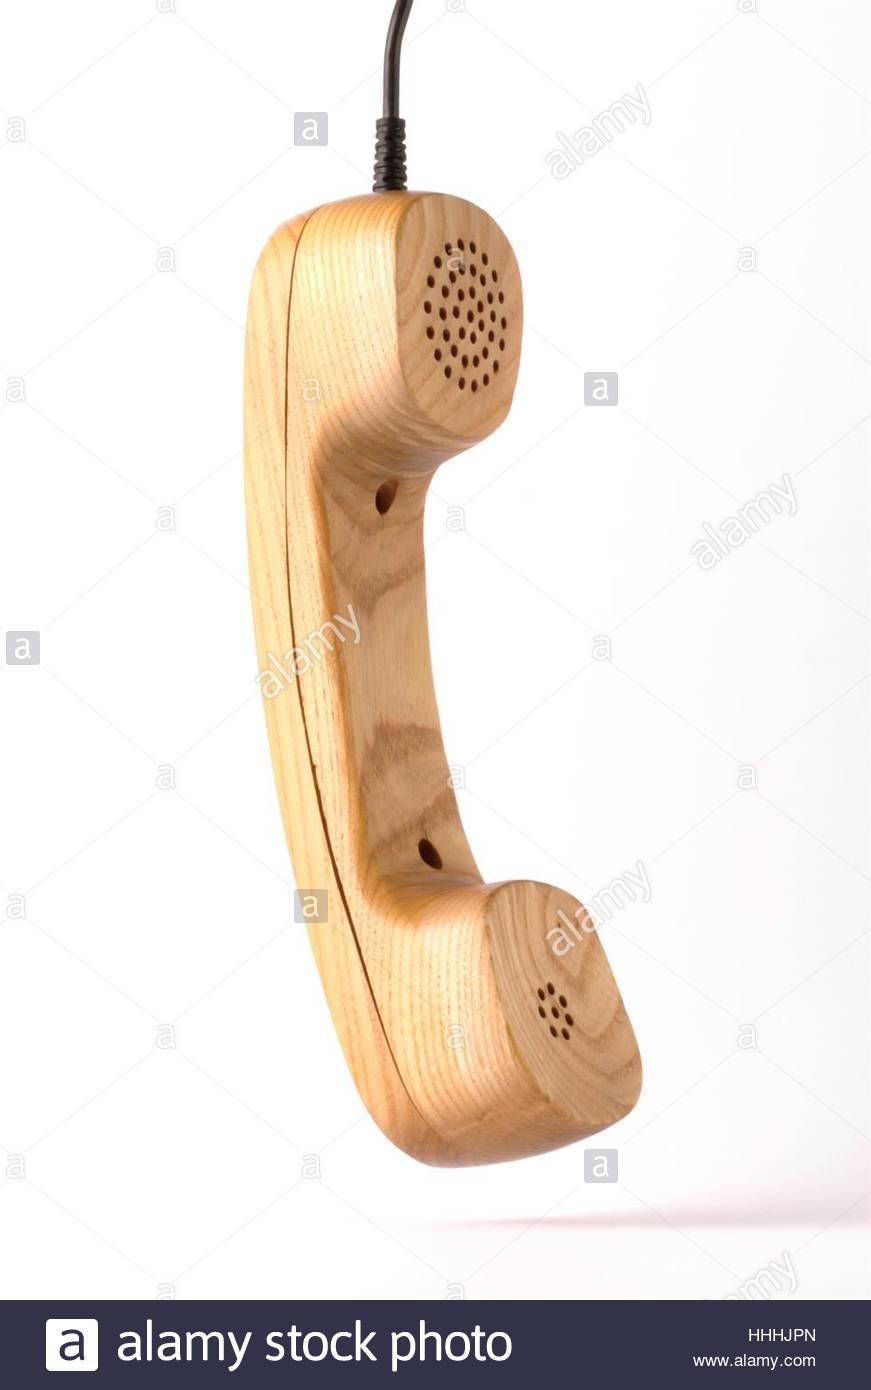 engineering, wiretapping, espionage, spying, sign, signal, telephone, phone, - Stock Image